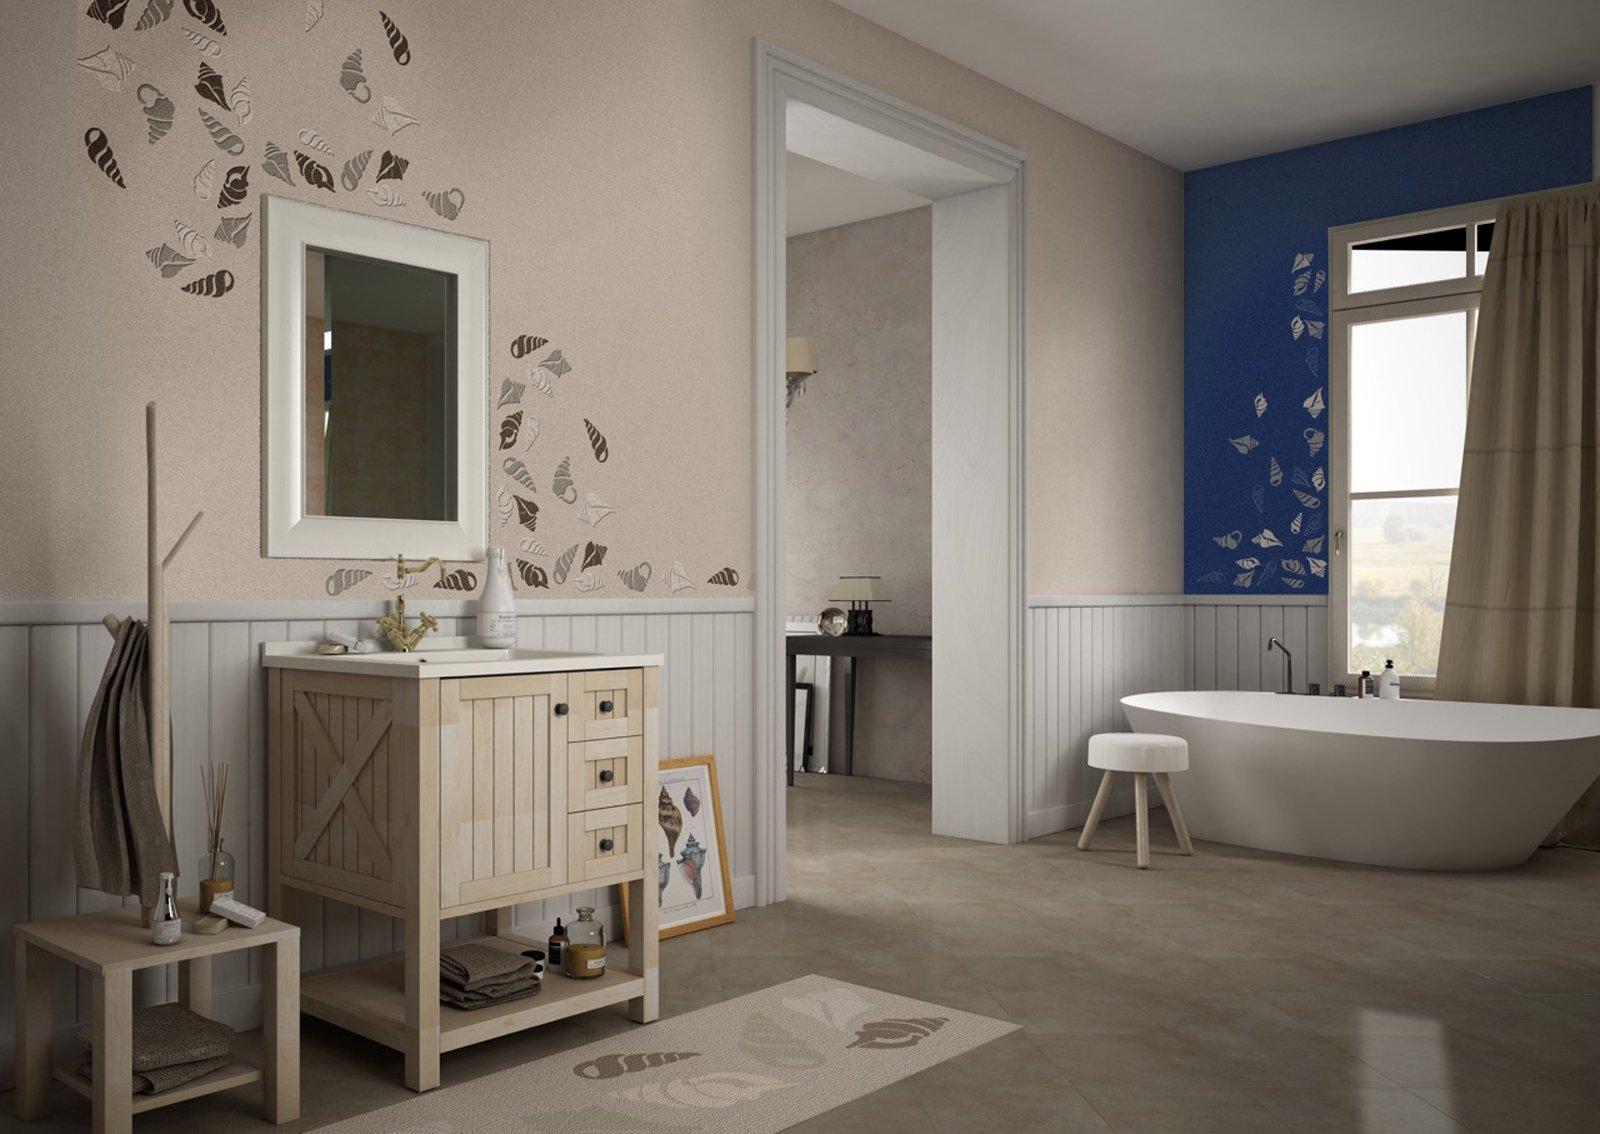 Rifare il bagno senza togliere le piastrelle e con piccoli interventi cose di casa - Coprire piastrelle bagno resina ...